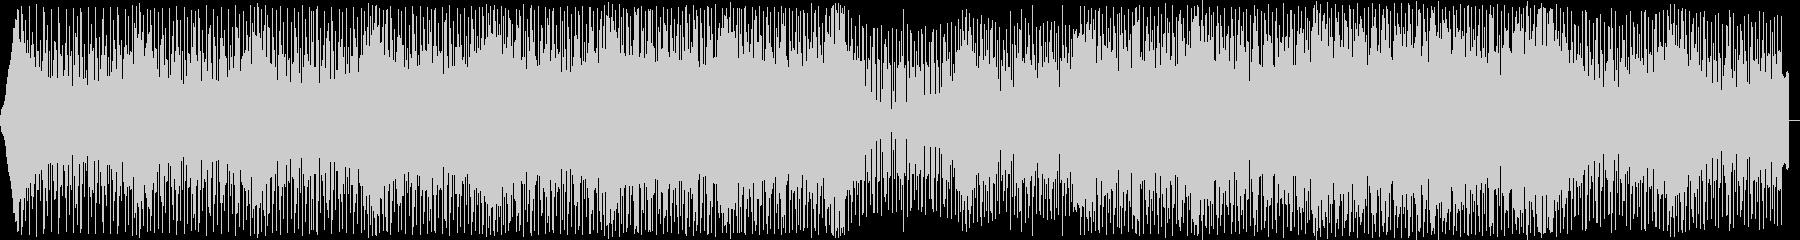 無機質でハイテンポなハウスミュージックの未再生の波形